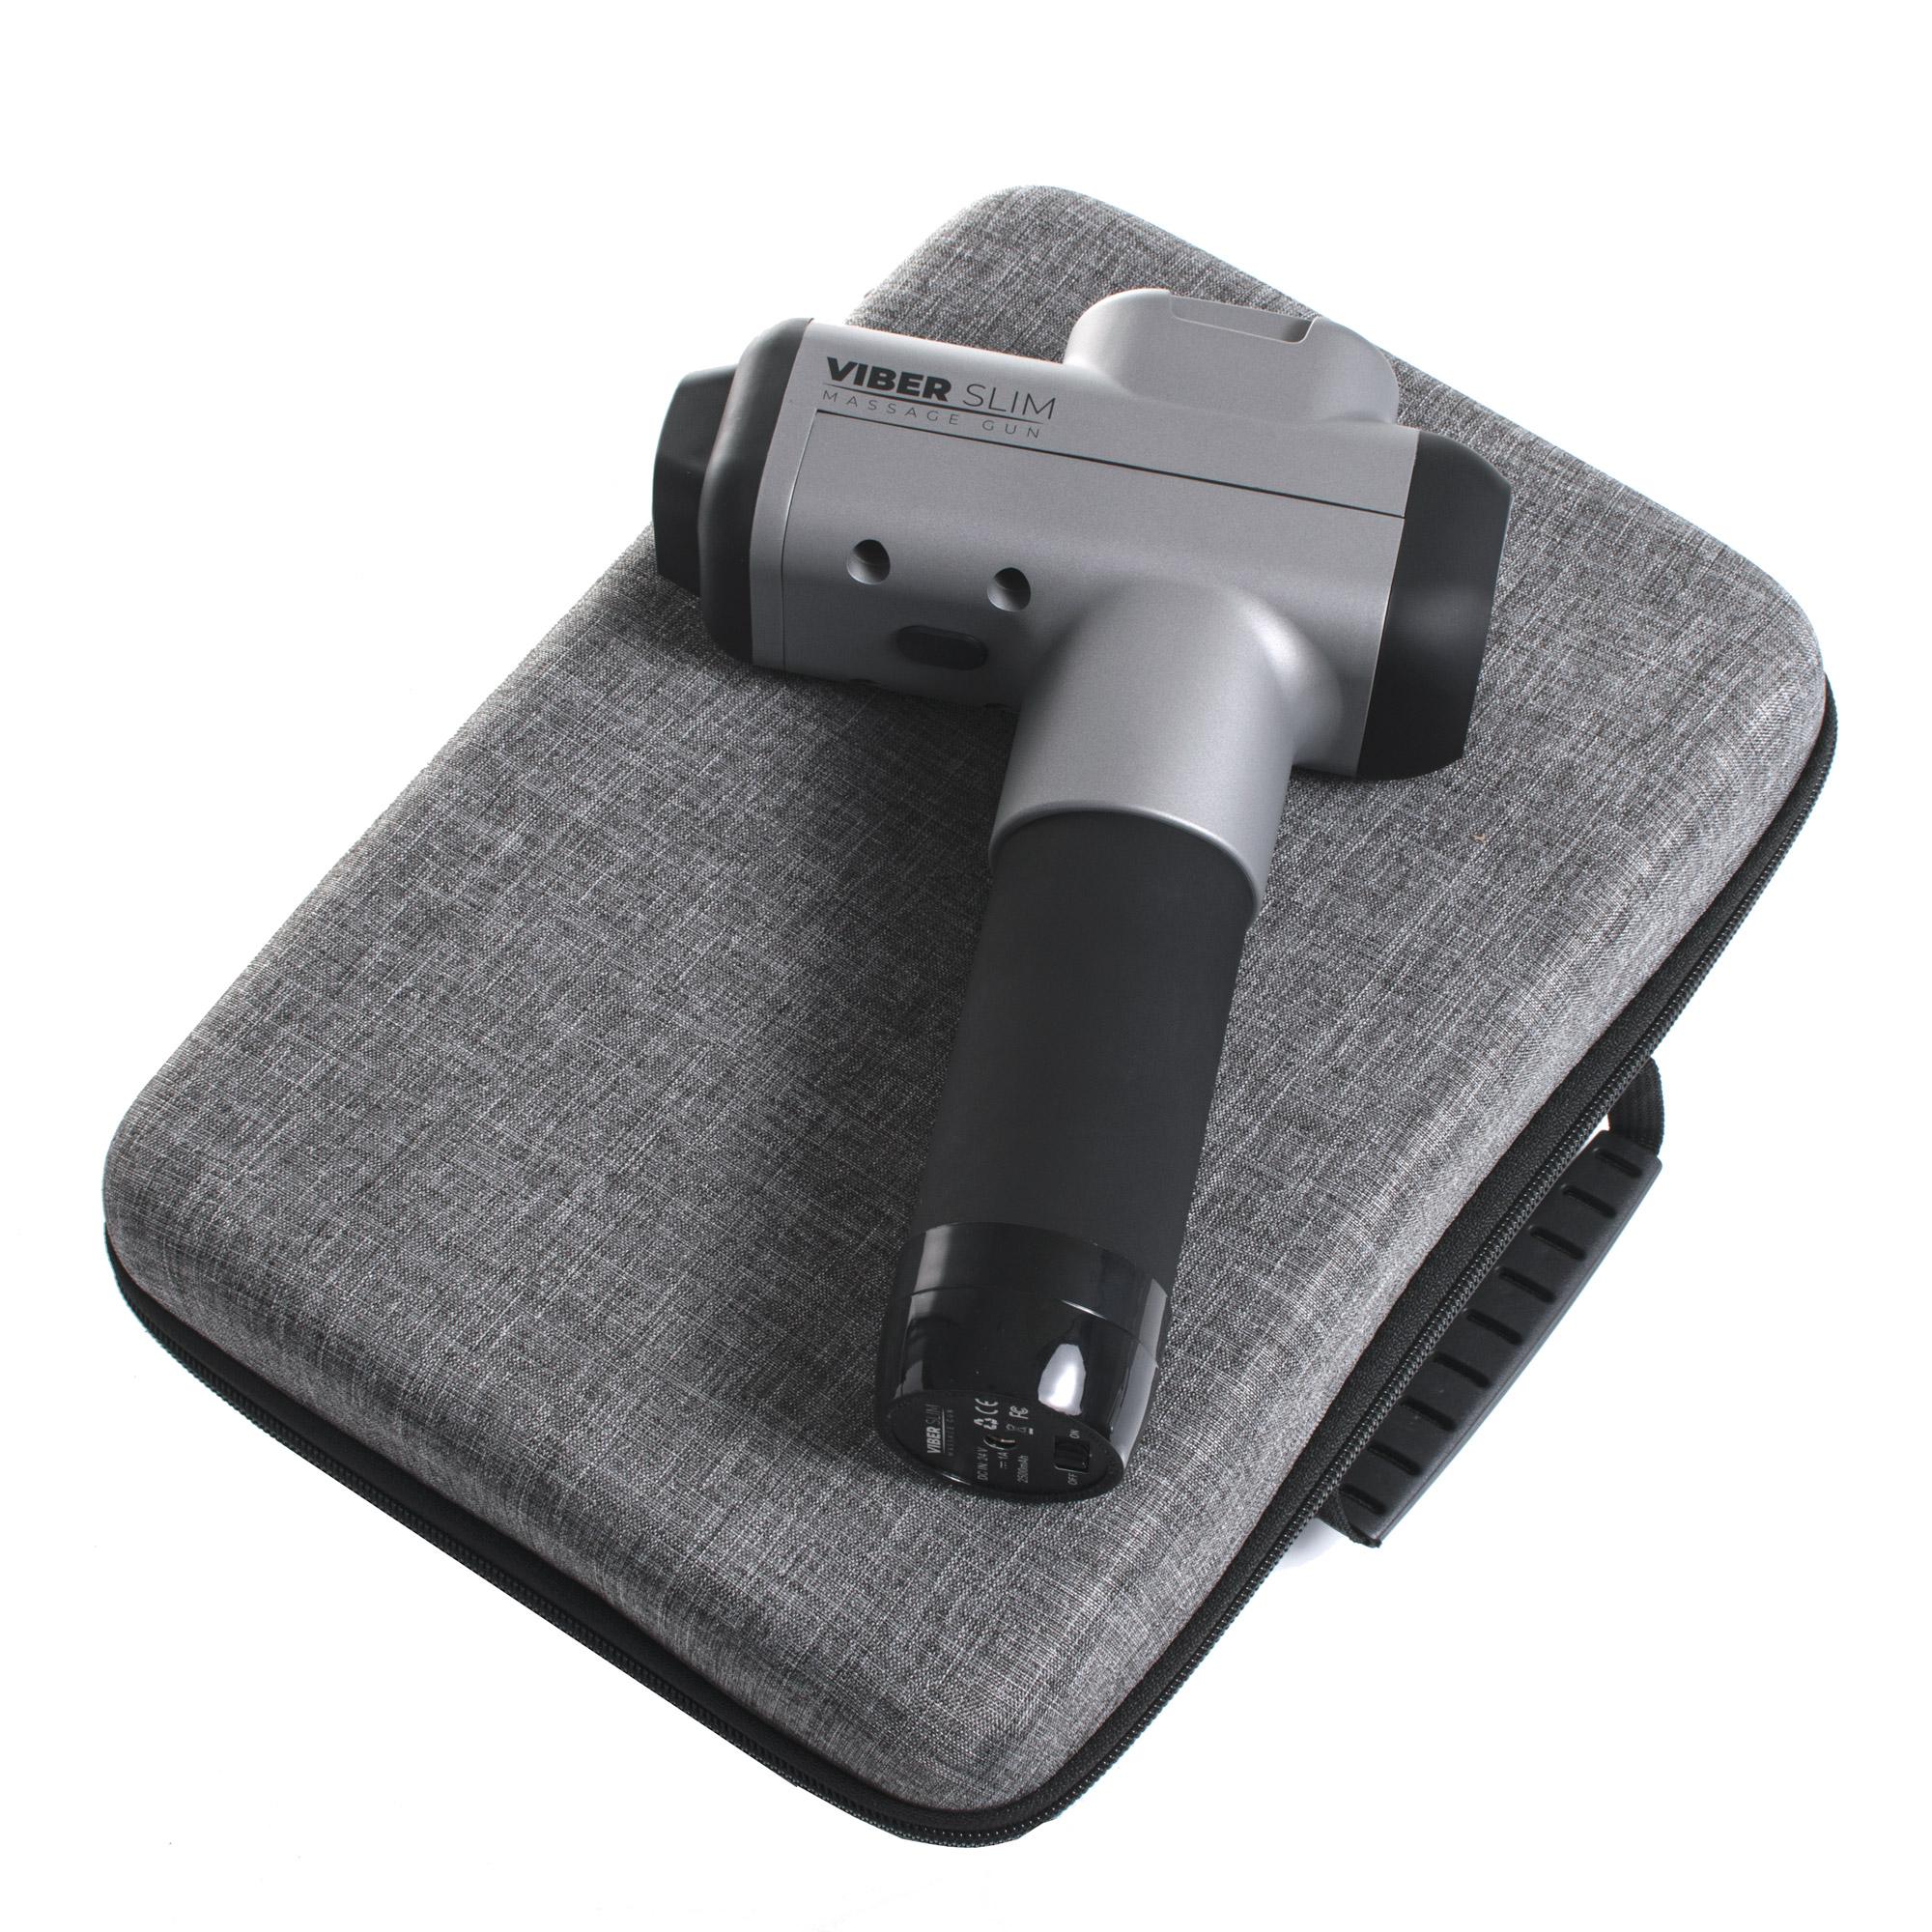 Masaż wibracyjny przy użyciu specjalnego aparatu kosmetologicznego to efektywna metoda leczenia otyłości